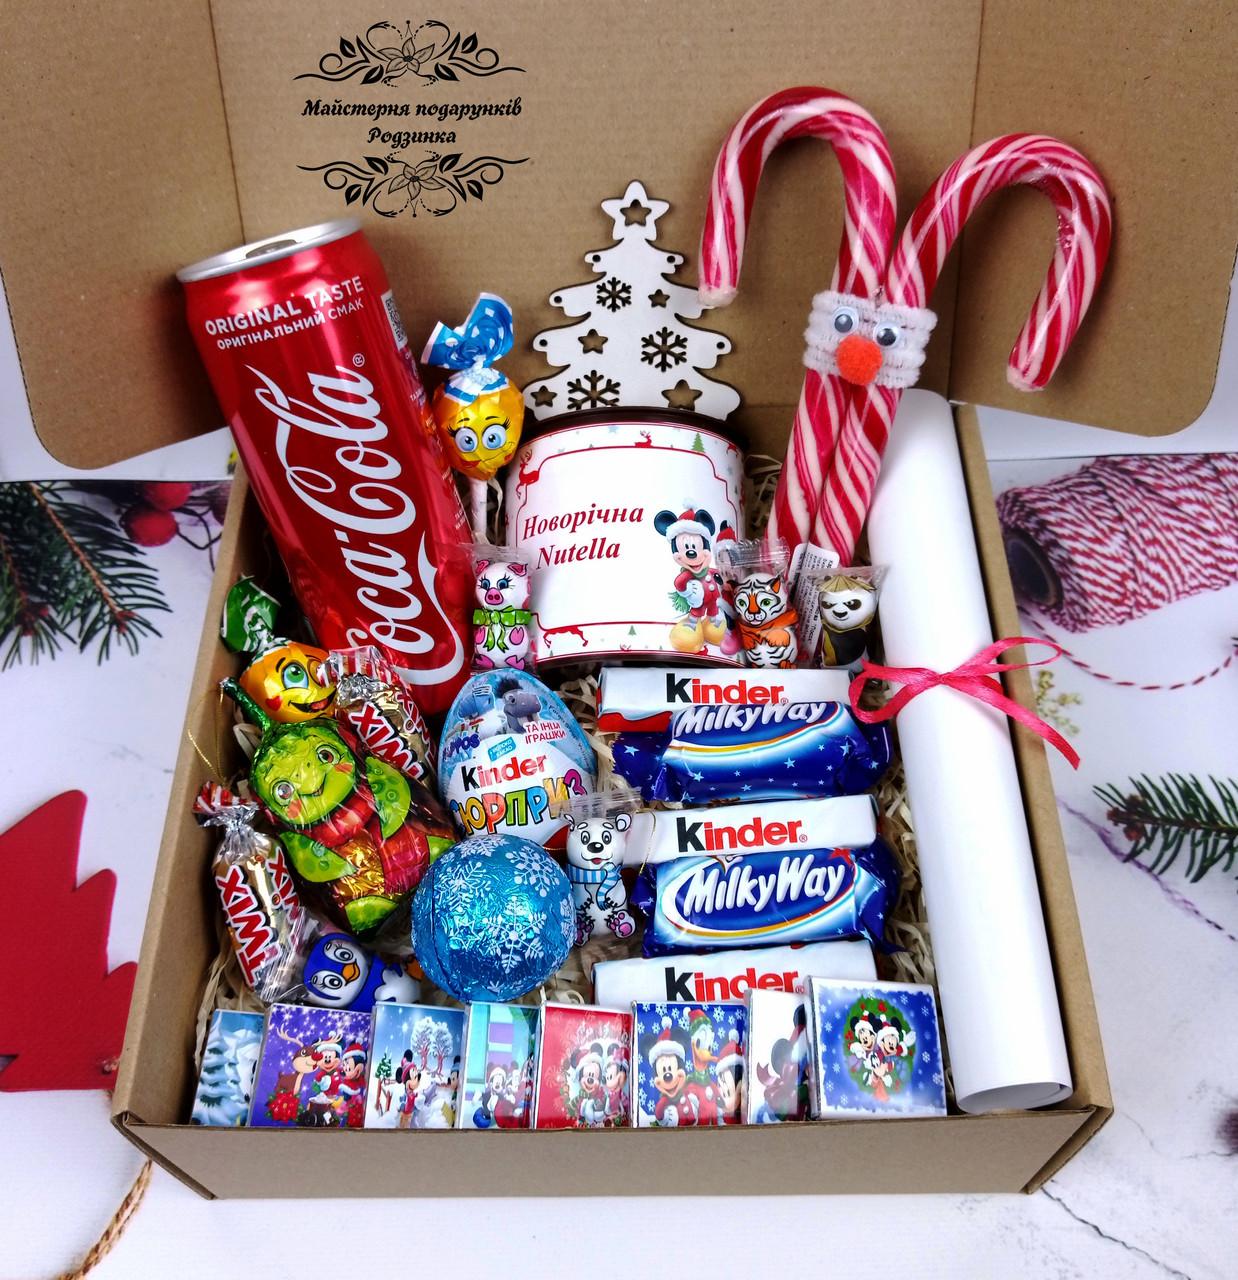 Новорічний подарунковий набір №14 з грамотою від Діда Мороза чи Миколая та вашим фото за бажанням